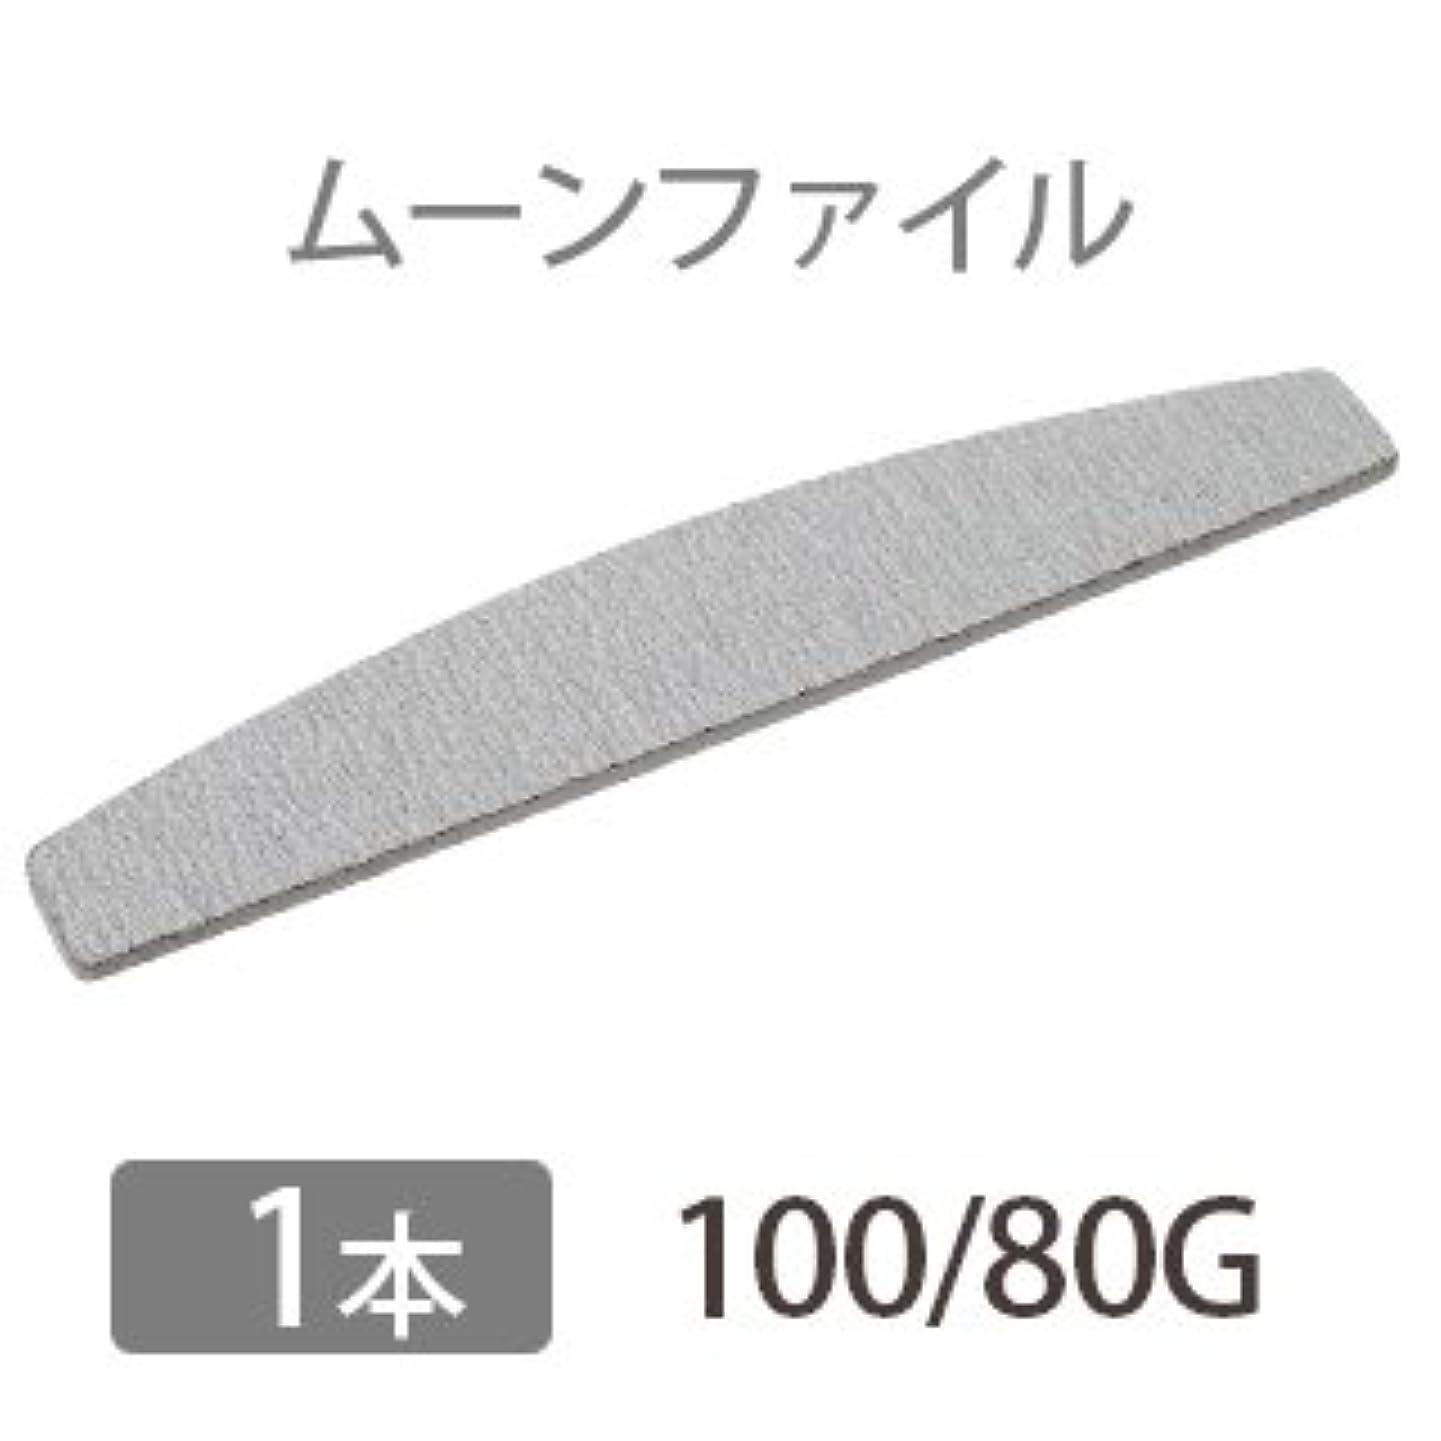 ミンチフェッチピアースムーンファイル 100/80 【ネイル オフ ケア用品】